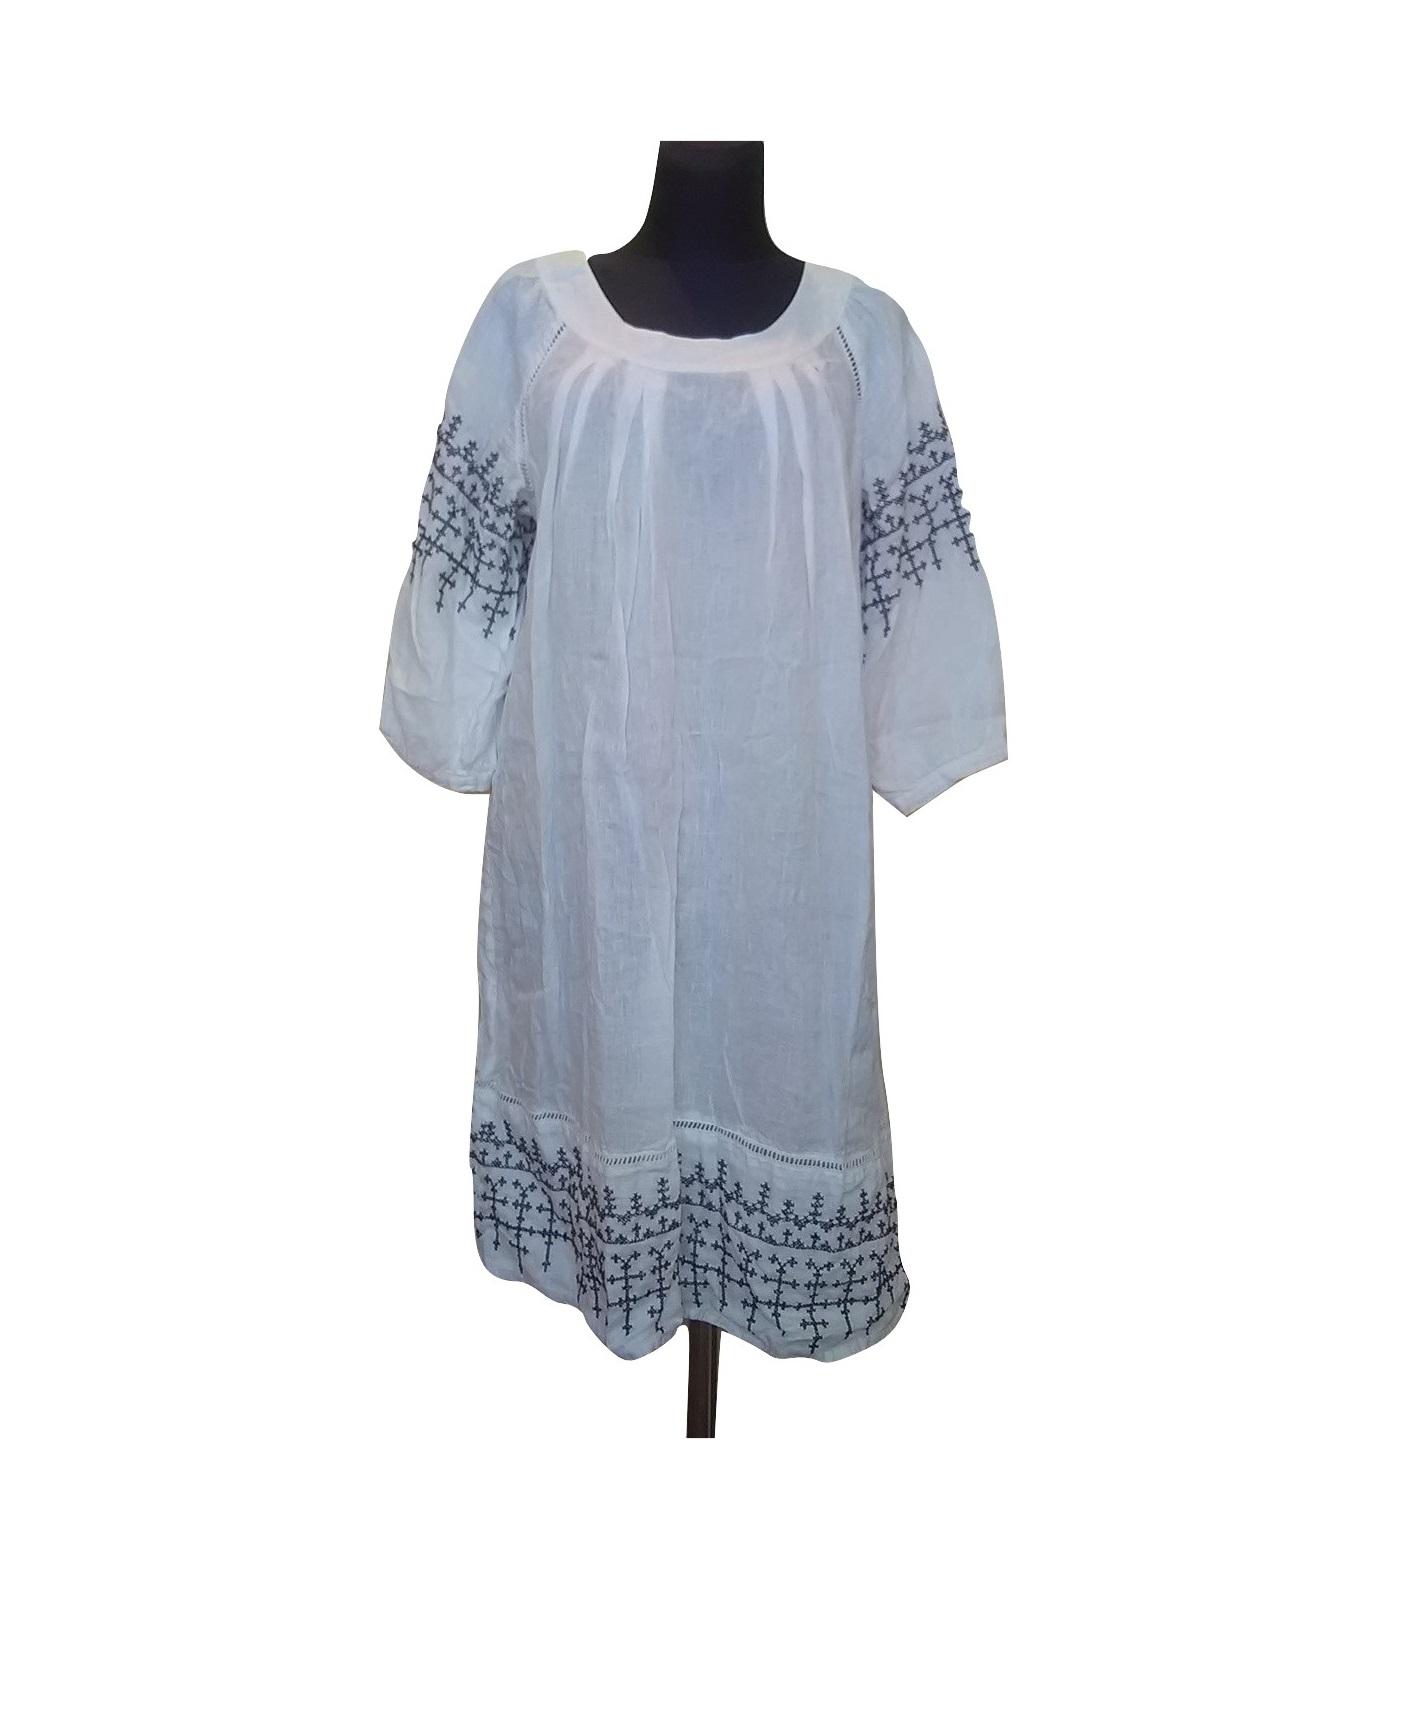 Balta vasarinė suknelė, PART TWO, 40 dydis